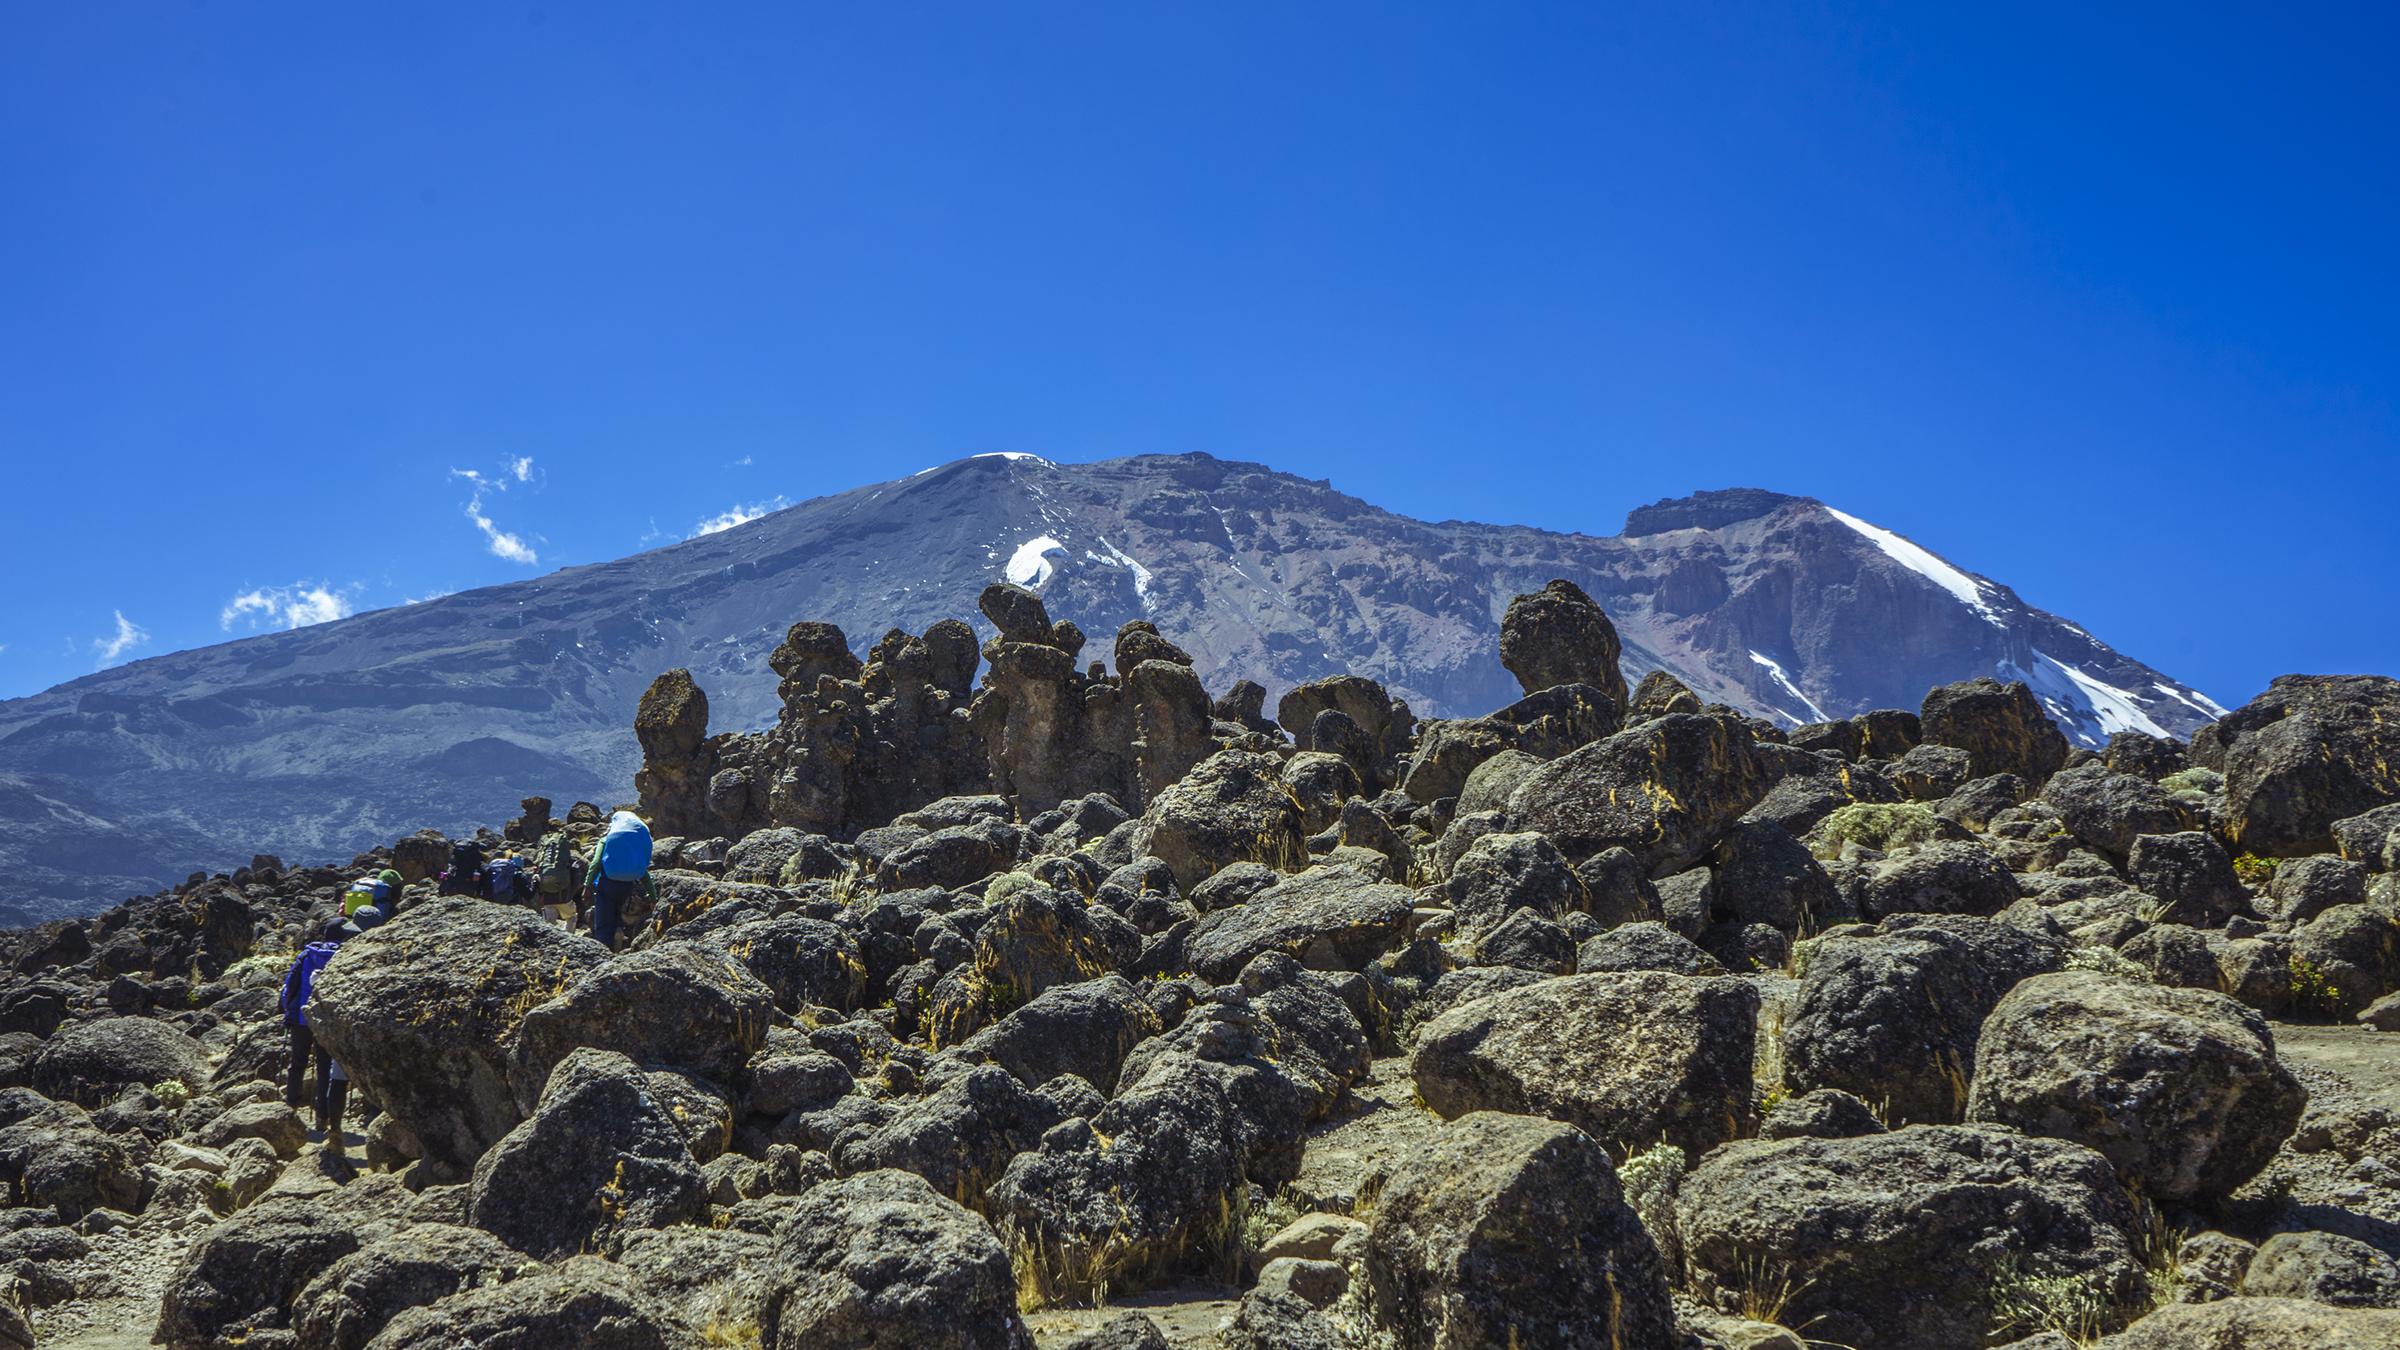 Kilimanjaro: Hết ngày dài lại đêm thâu, chúng ta đi leo núi Phi châu - Ảnh 7.